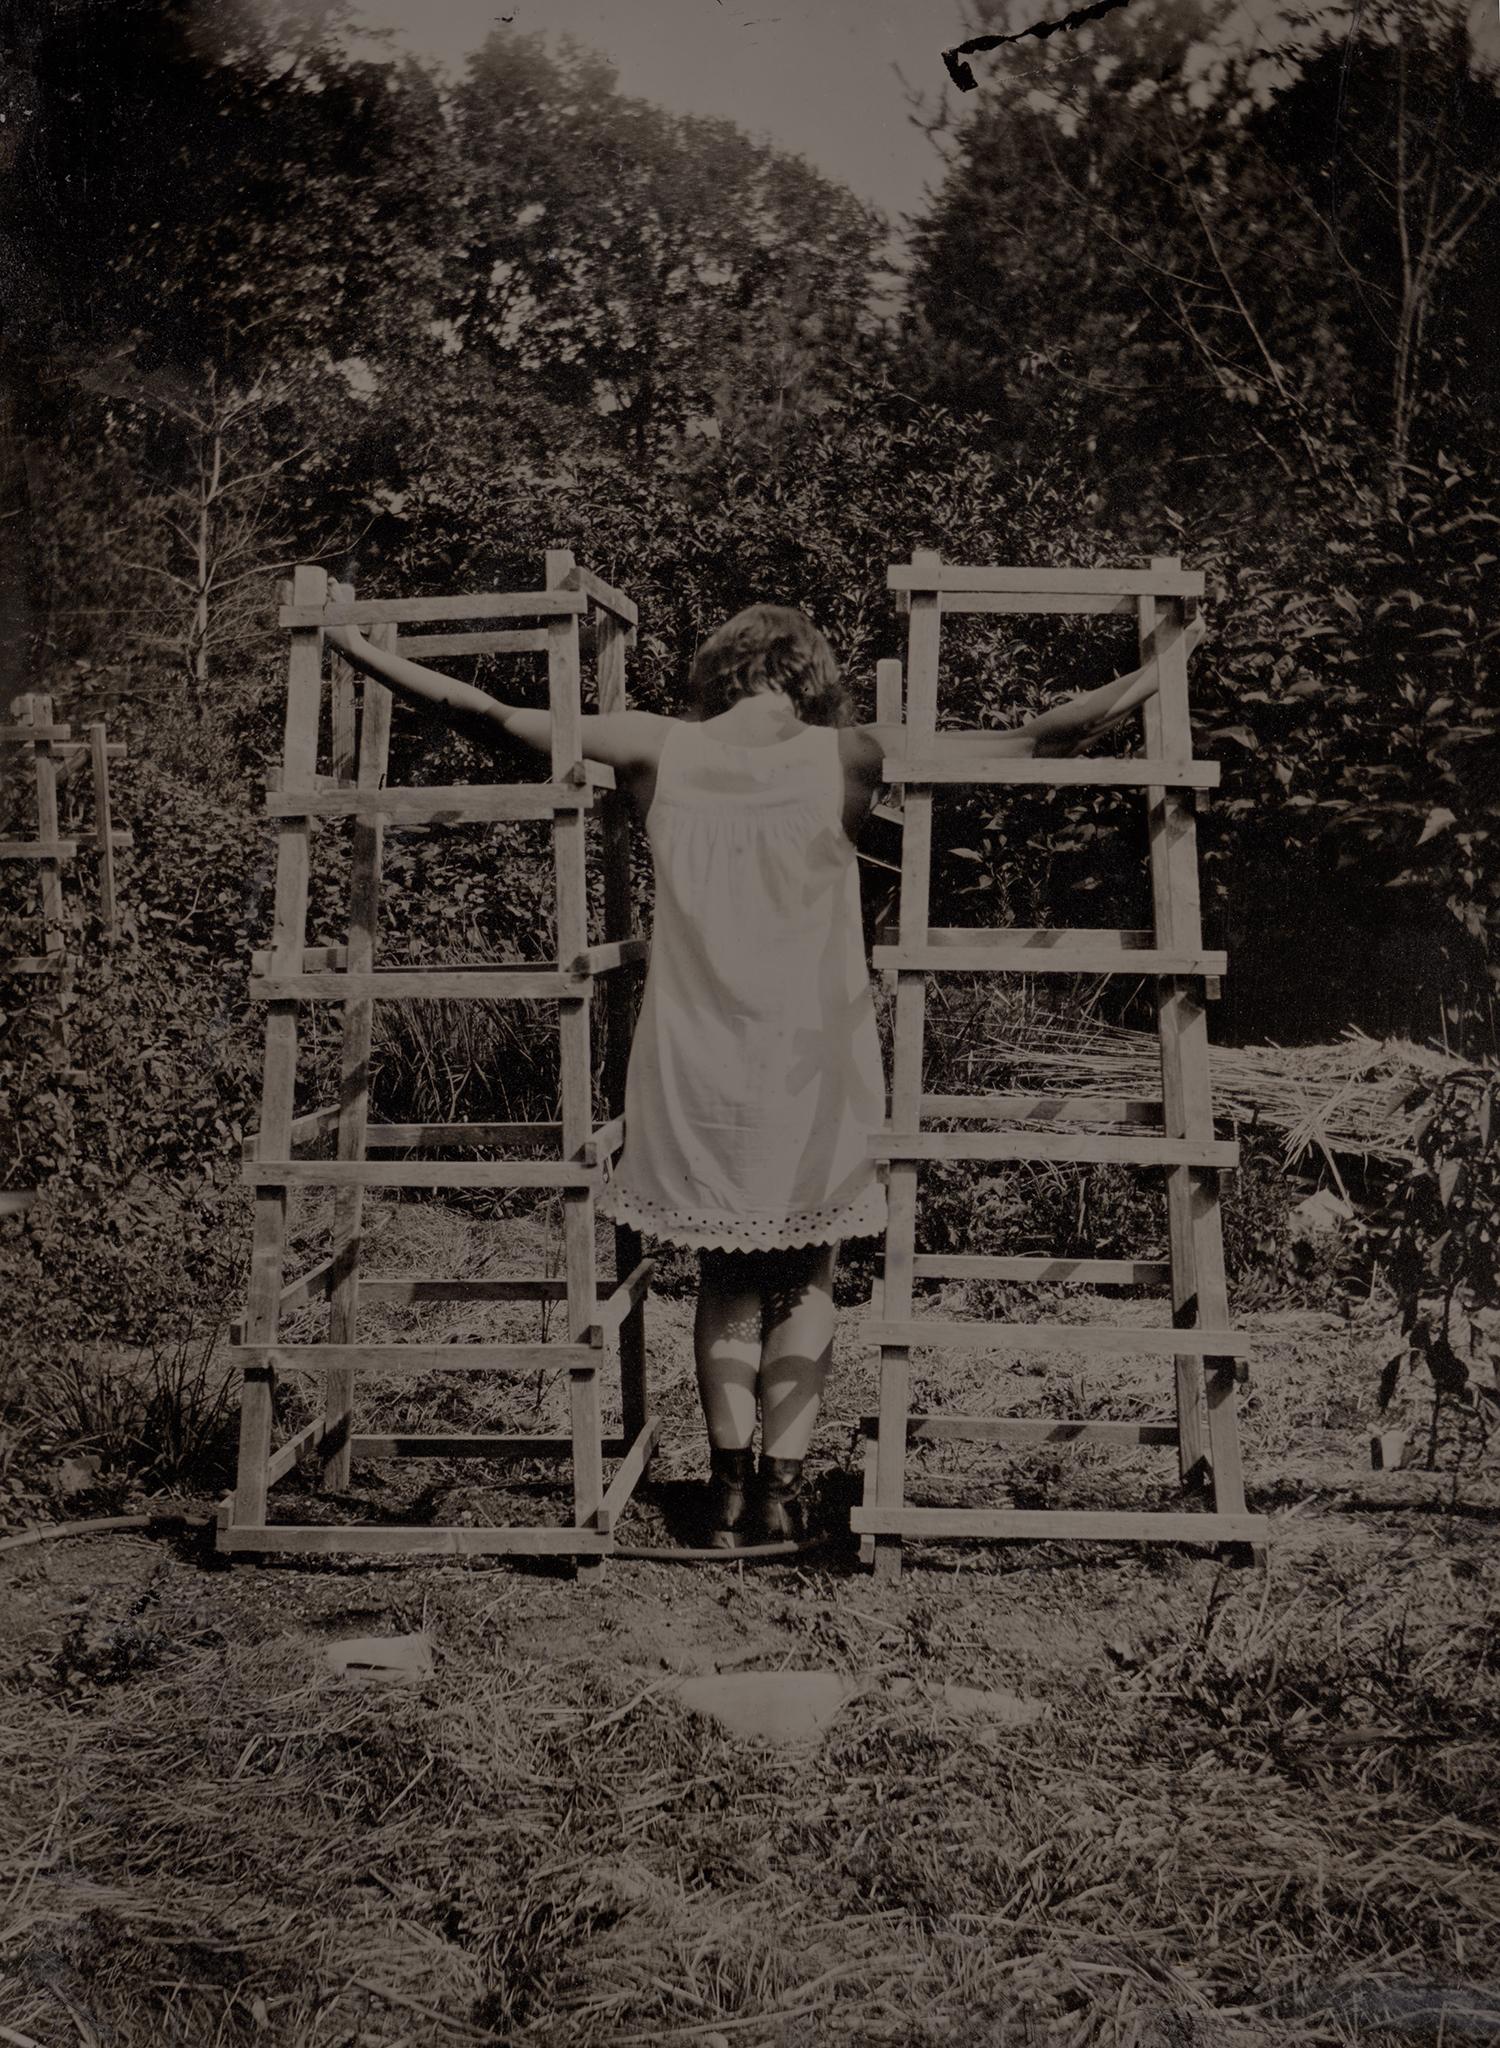 Dana-Schmerzler-tintype-self-portrait-3.jpg